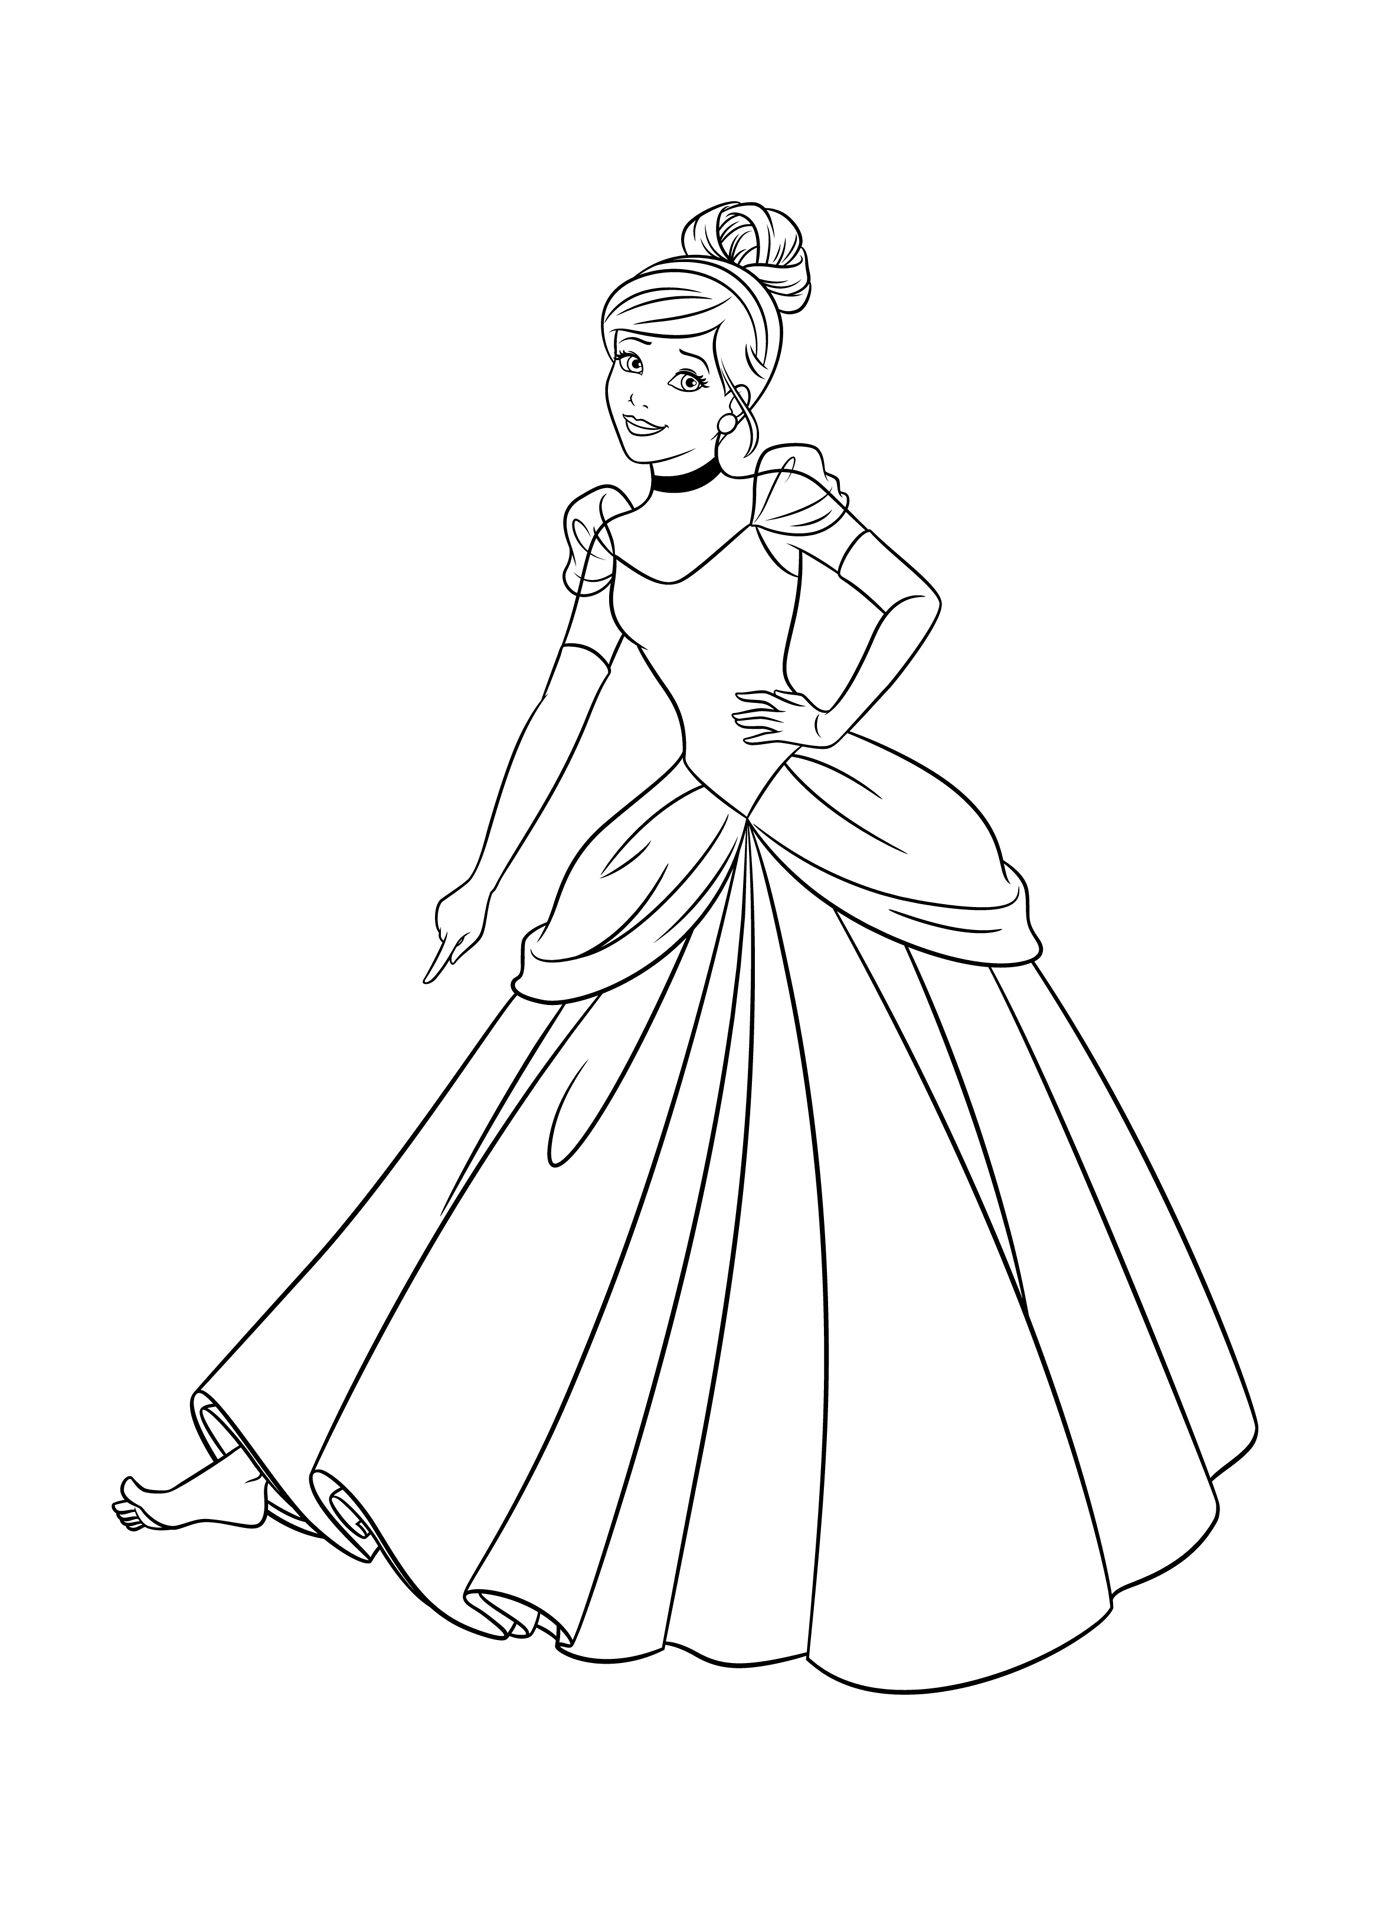 Pin von Shaina Kannady auf Disney princess  Malvorlage prinzessin